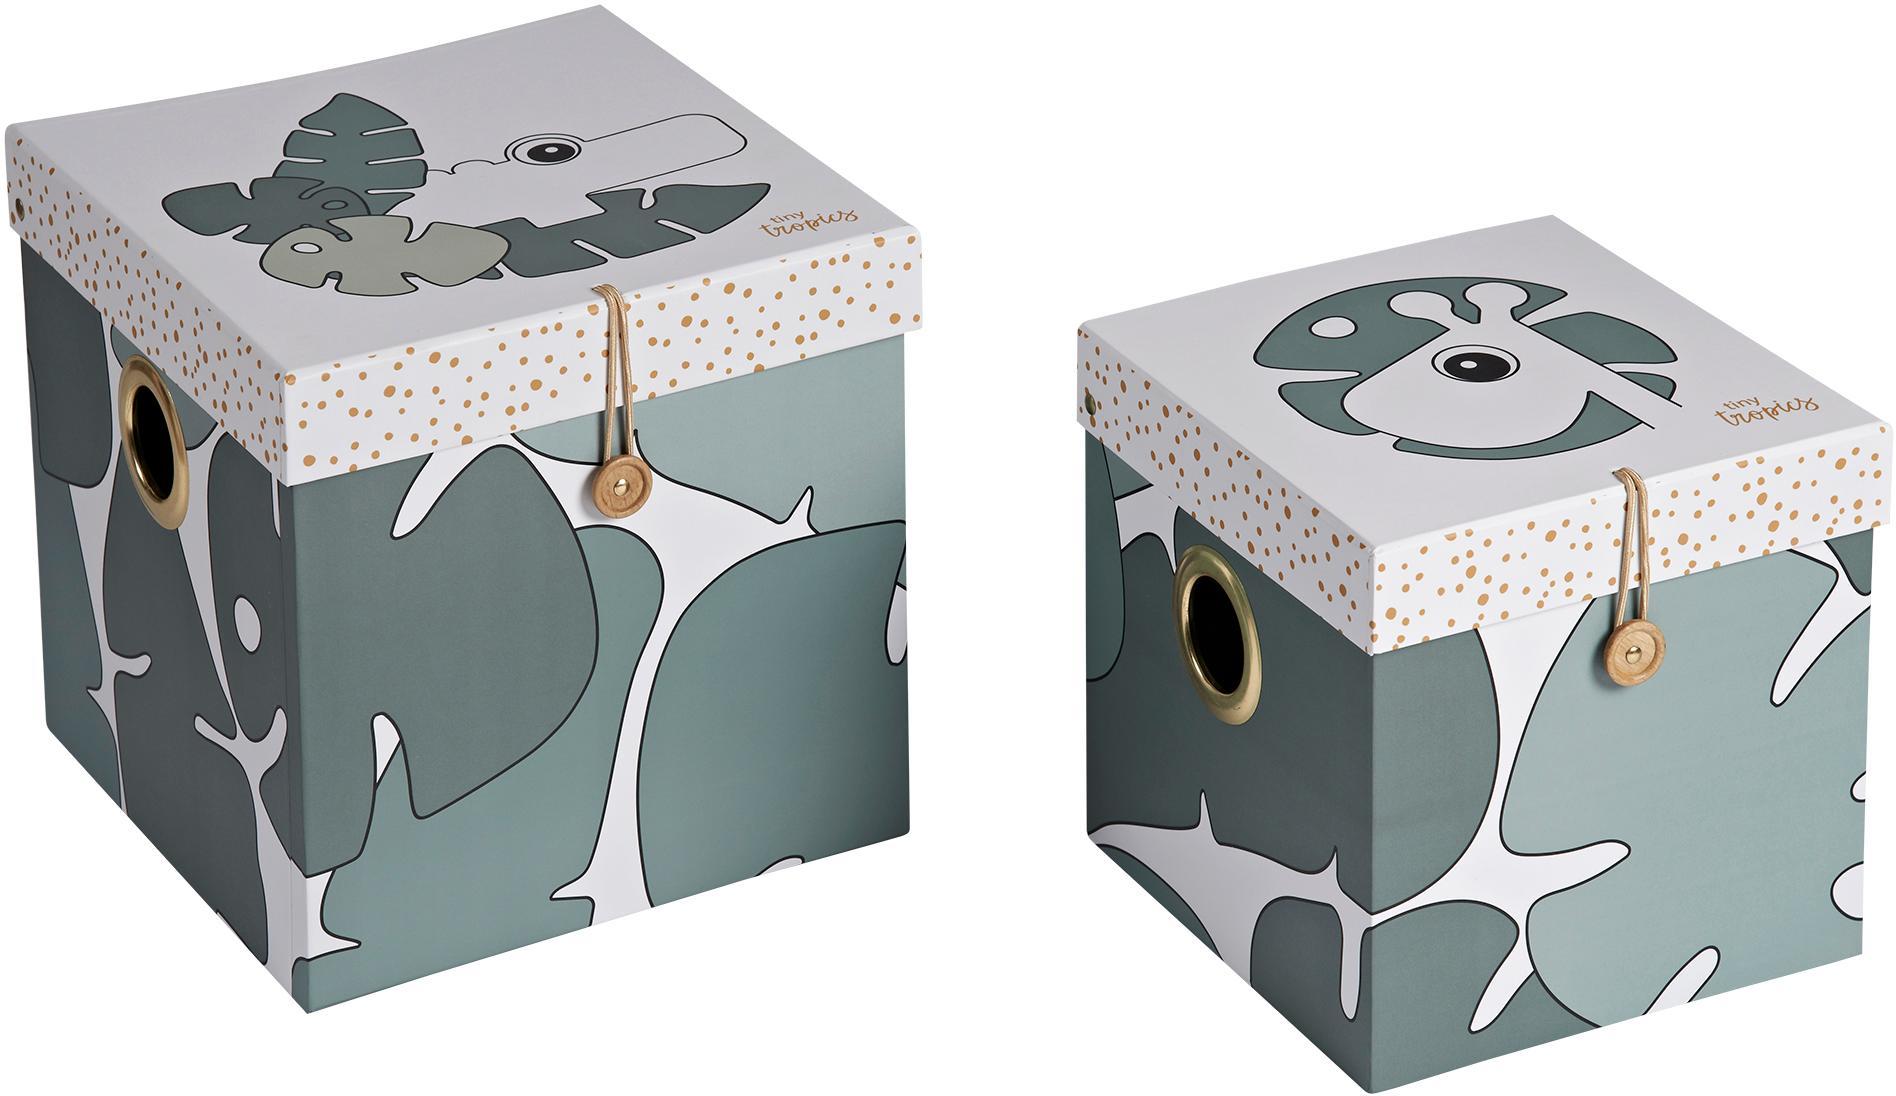 Komplet pudełek do przechowywania Tiny Tropics,, 2 elem., Tektura laminowana, Zielony, Komplet z różnymi rozmiarami